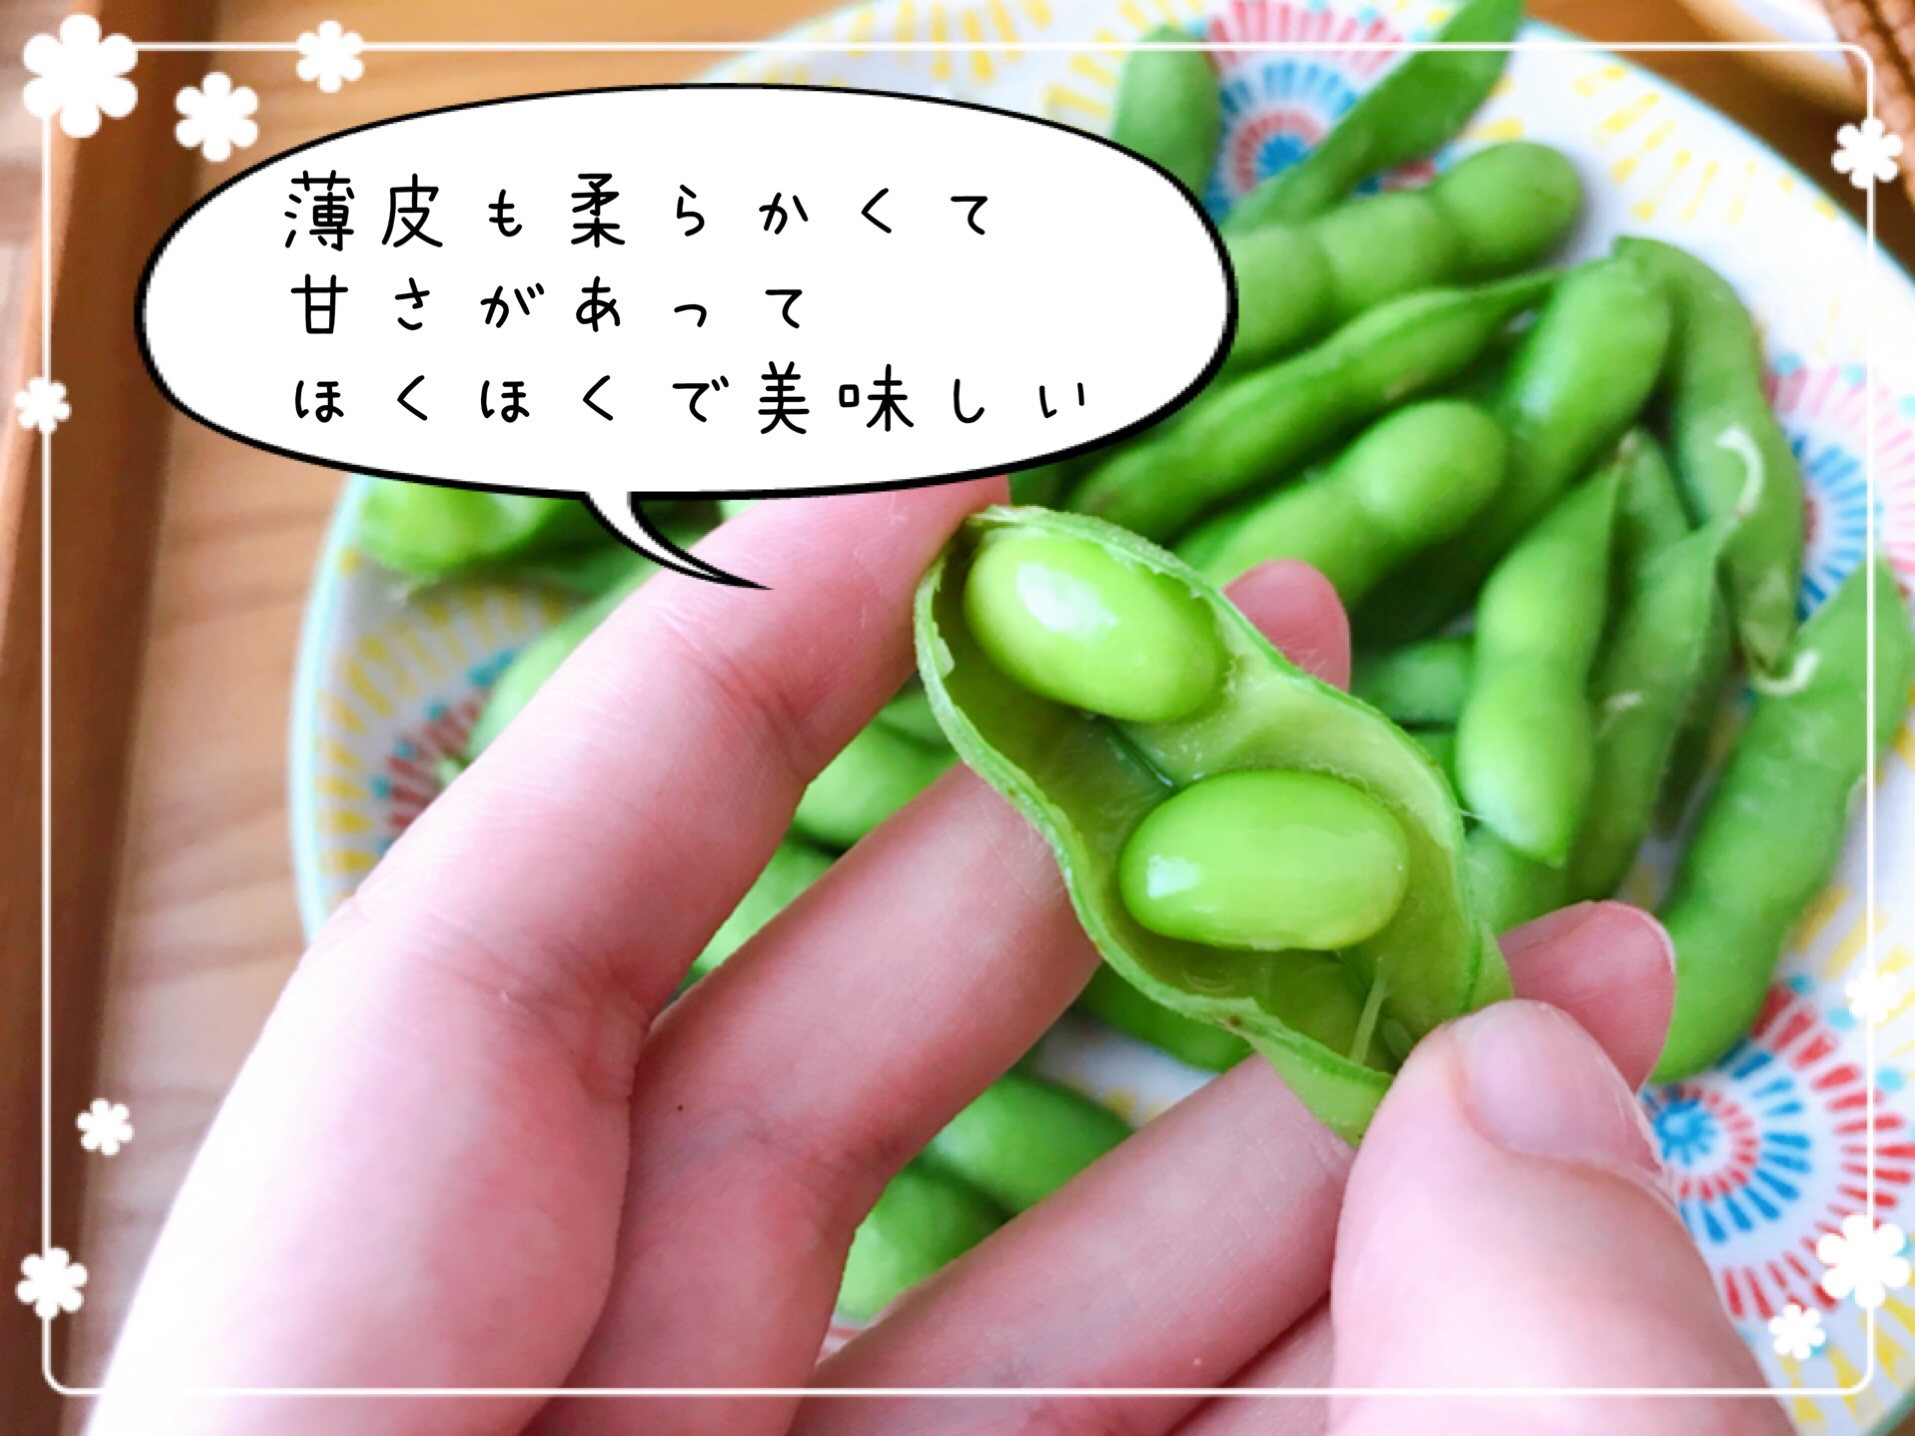 おうちコープ 神奈川ひとり暮らし